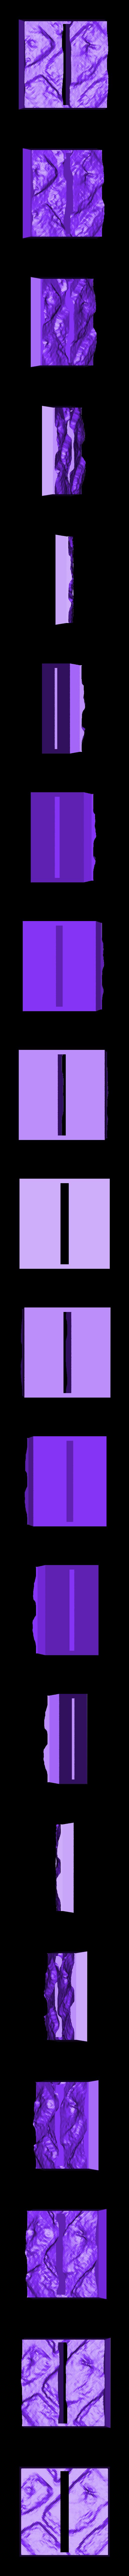 ultimate_base_generator_20140916-20060-15ya3lt-0.stl Télécharger fichier STL gratuit Base paramétrique Ult - fente Horz 25 mm ; sol en pierre du QG 2 • Modèle pour impression 3D, onebitpixel